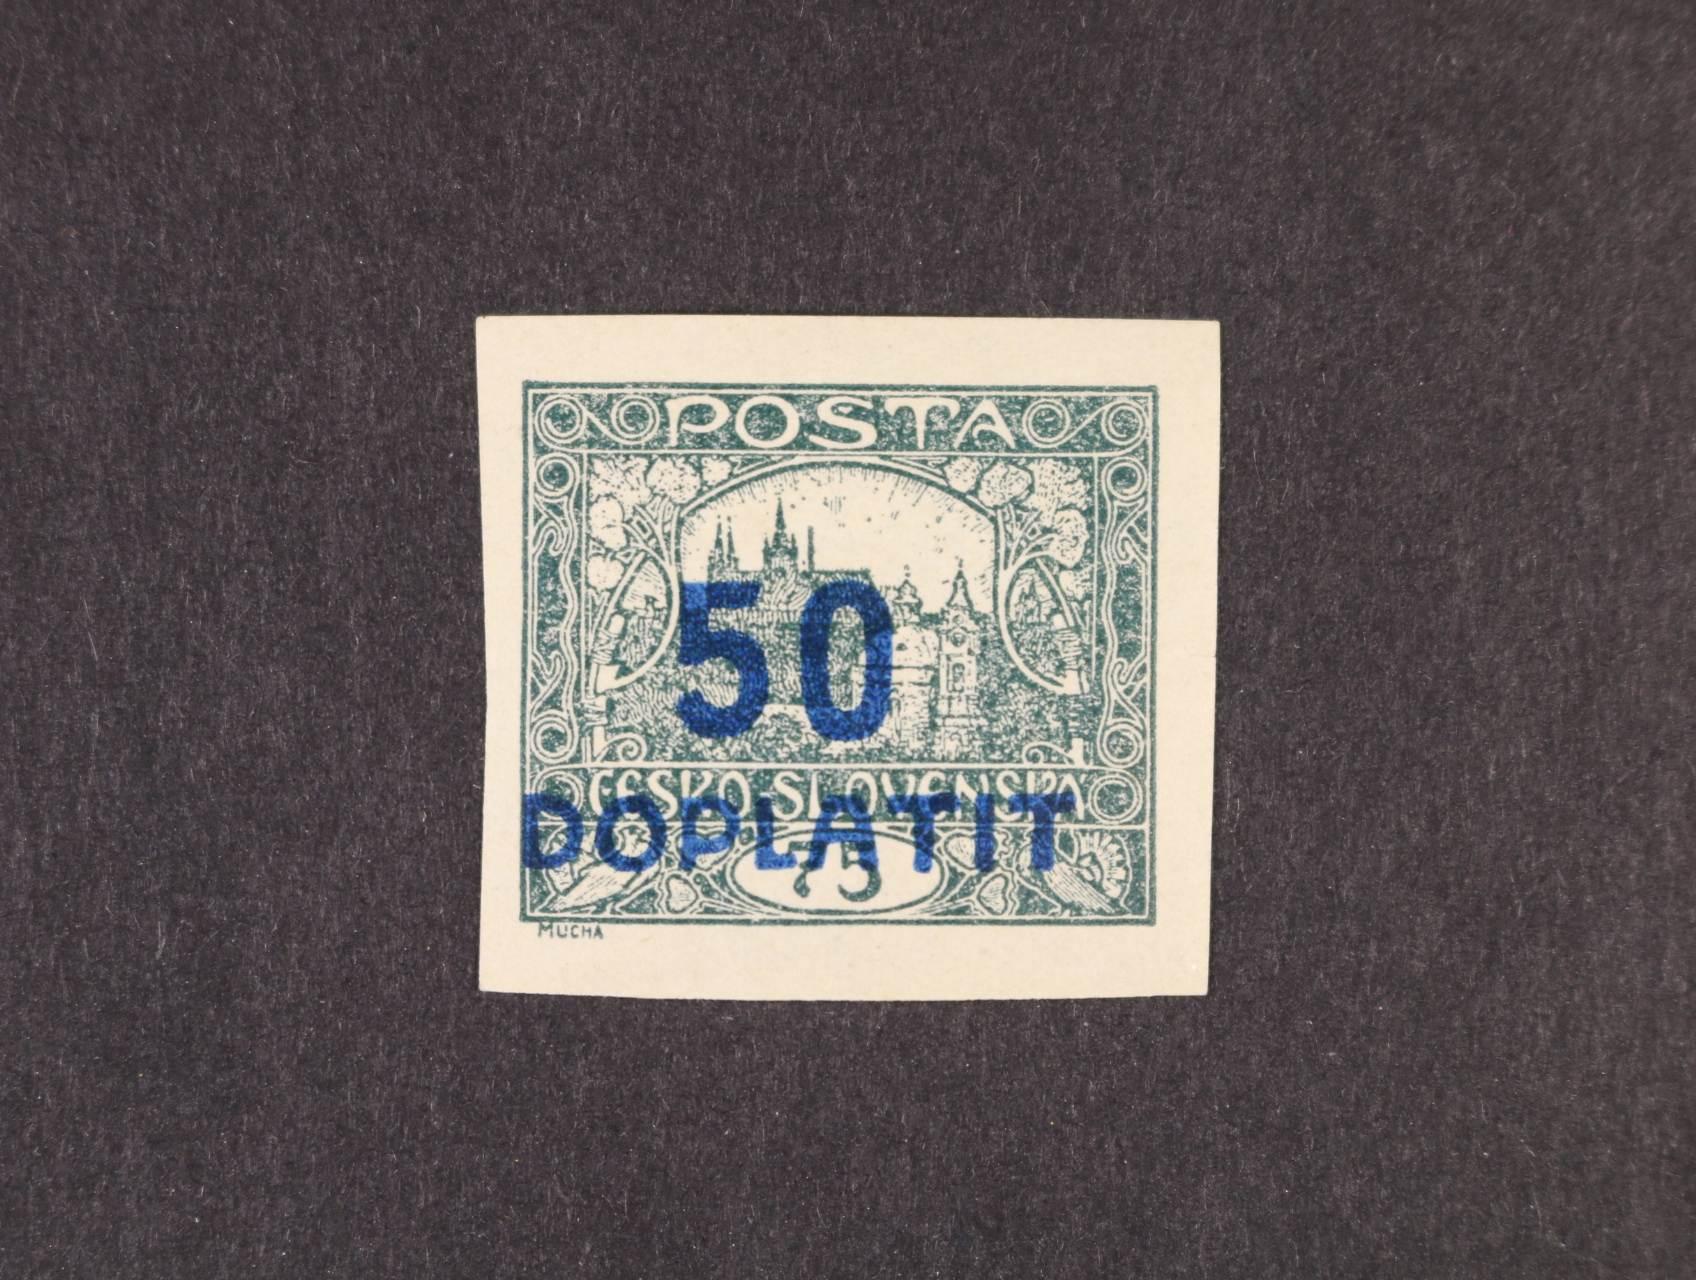 zn. DL č. 19, II. příčkový typ, zk. Štolfa